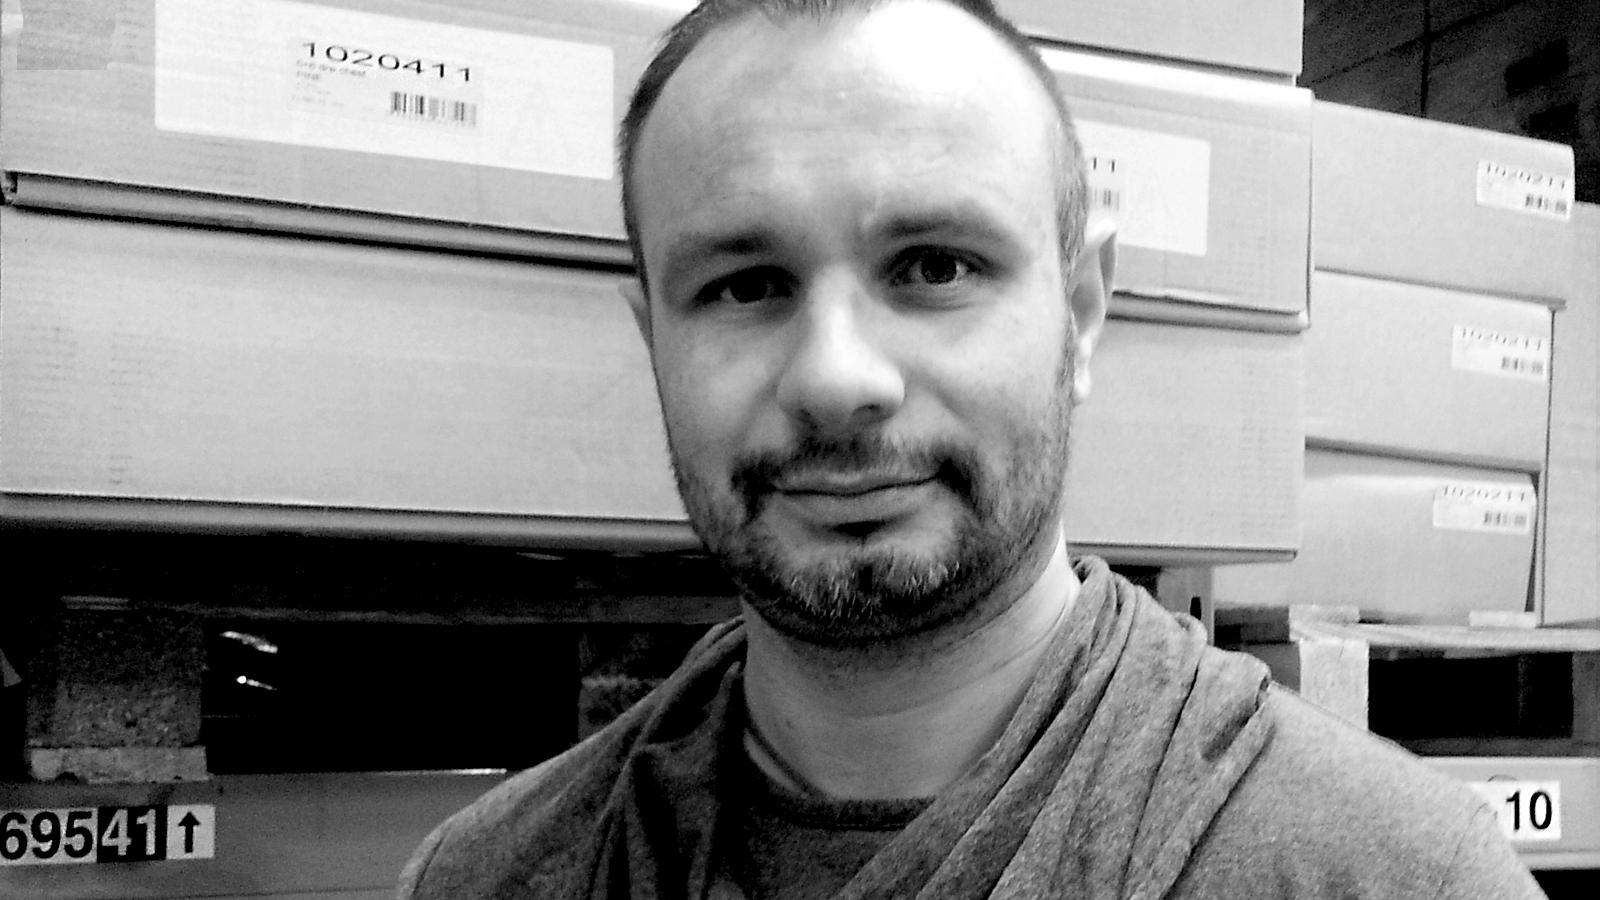 Rafal Smiechowski, Warehouse Manager